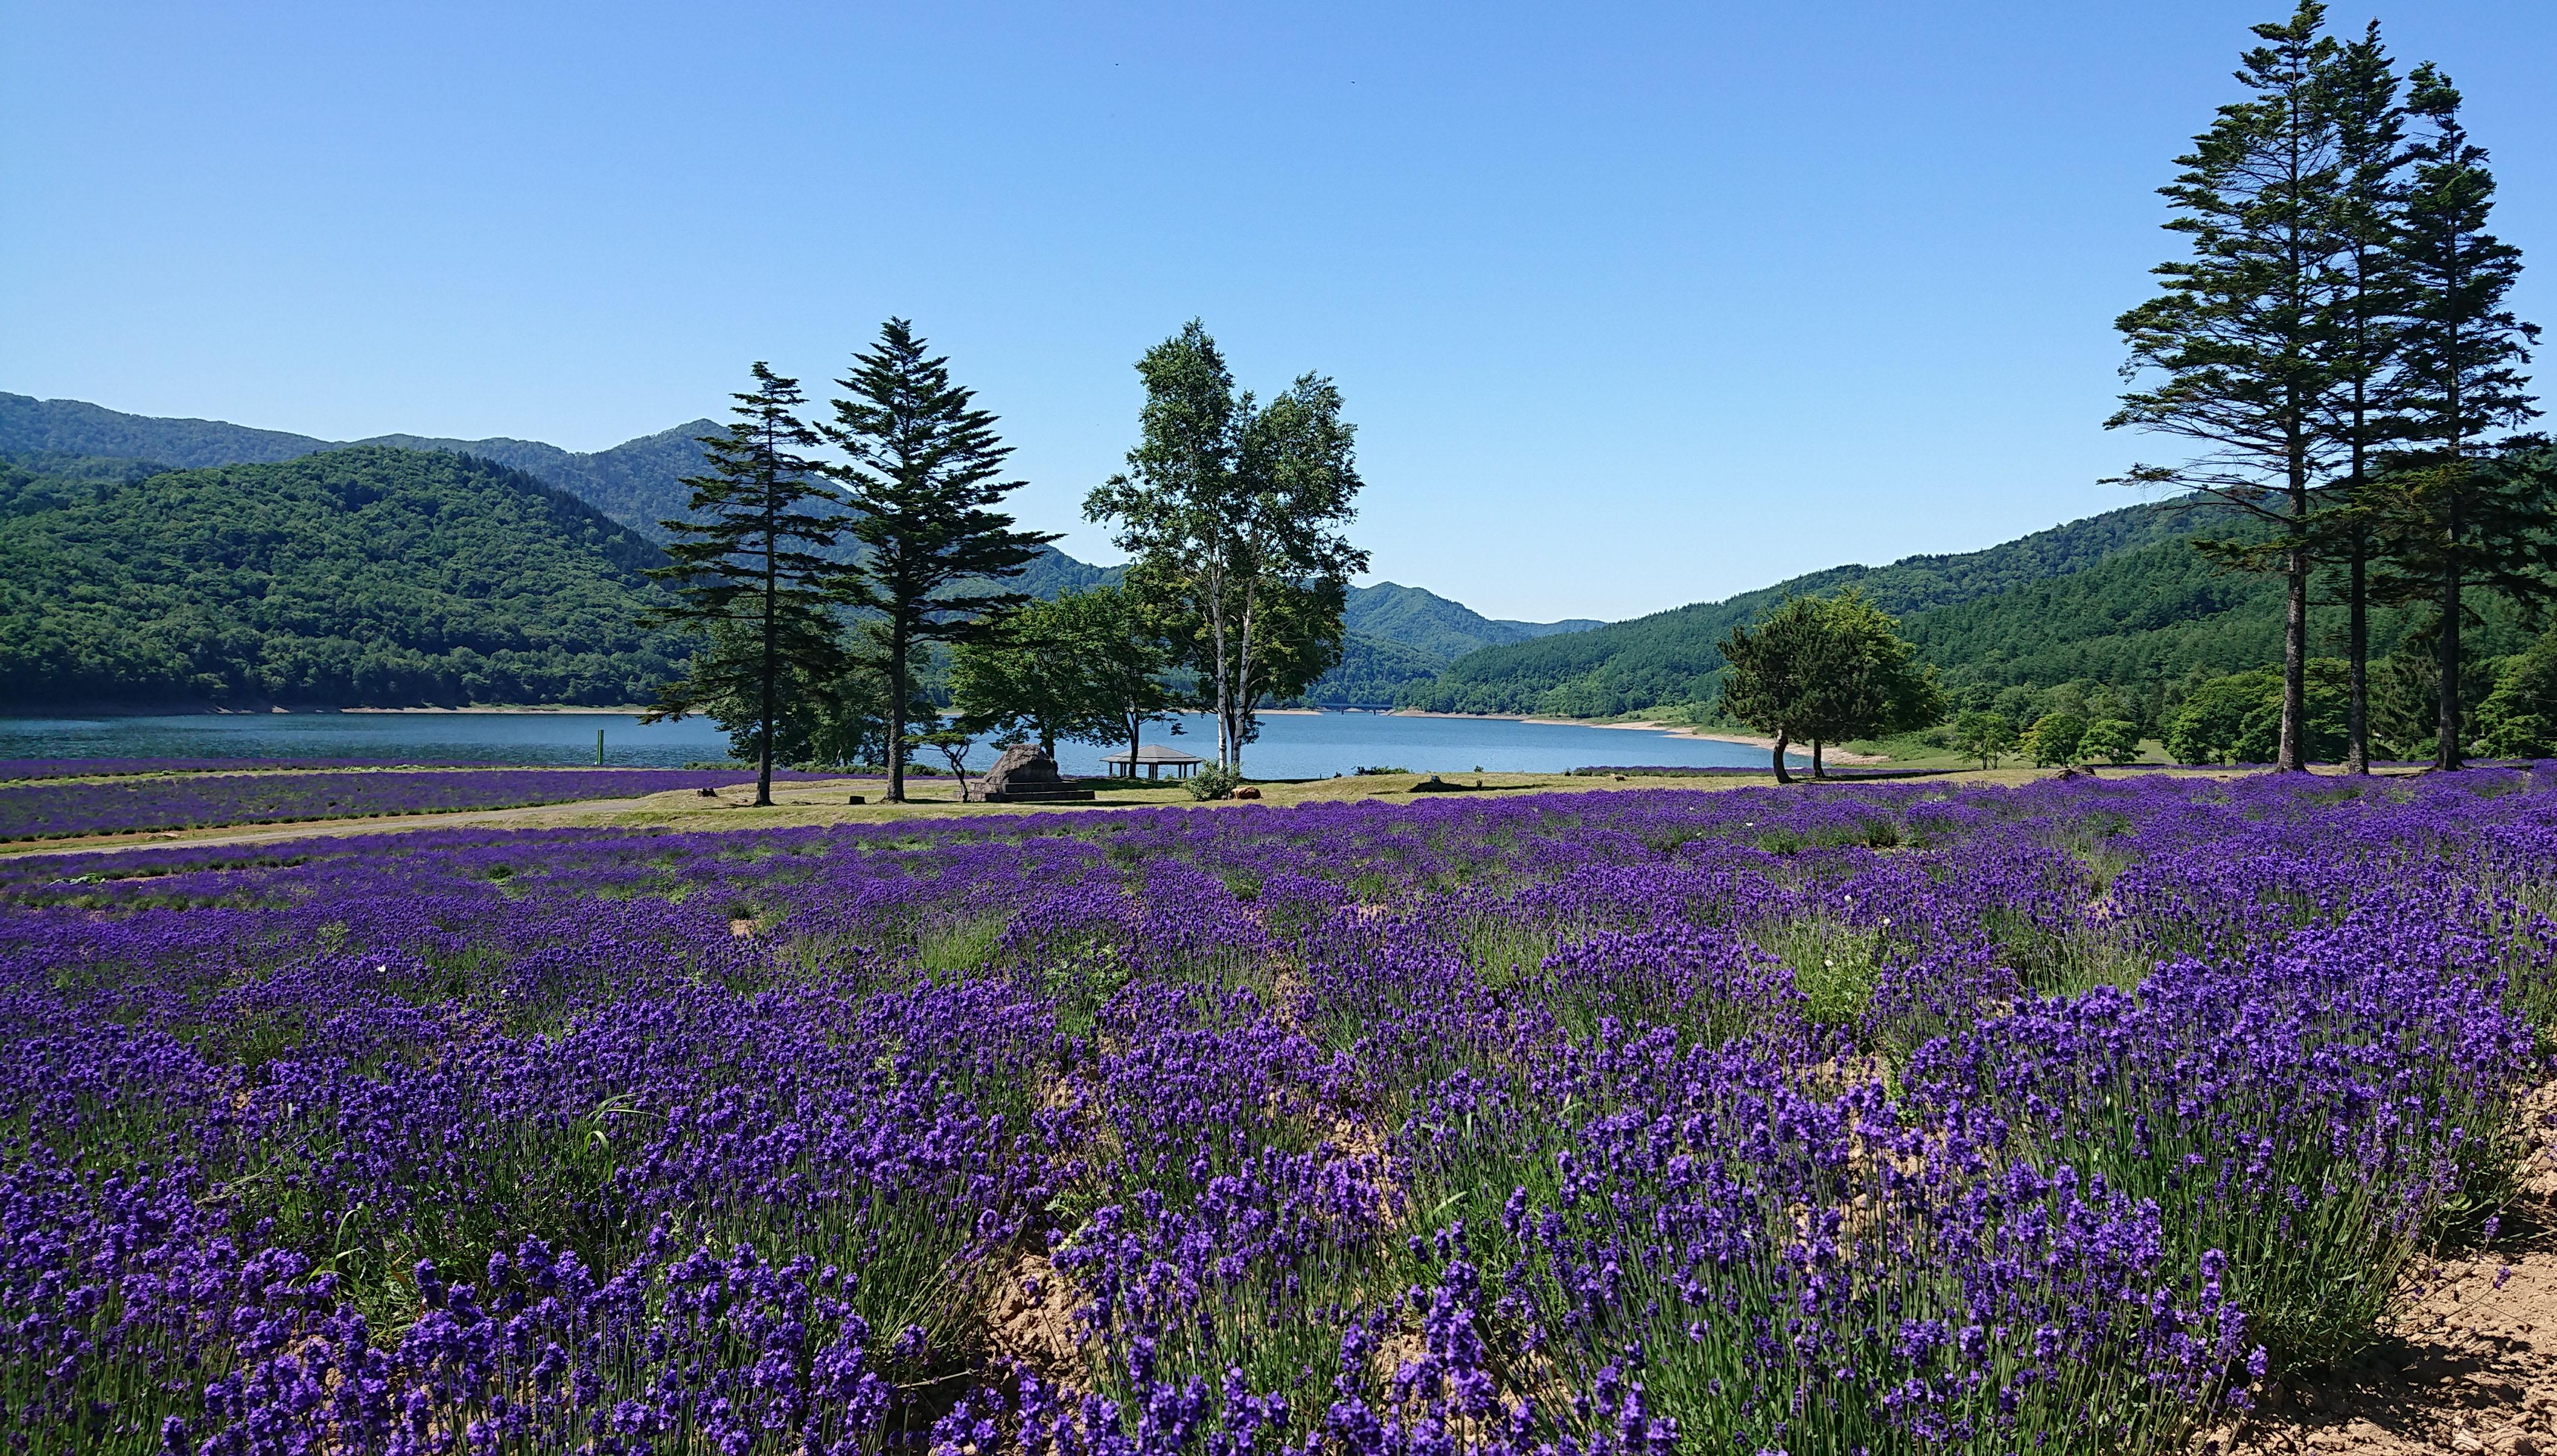 「JALふるさと納税」に北海道南富良野町が参加しました。